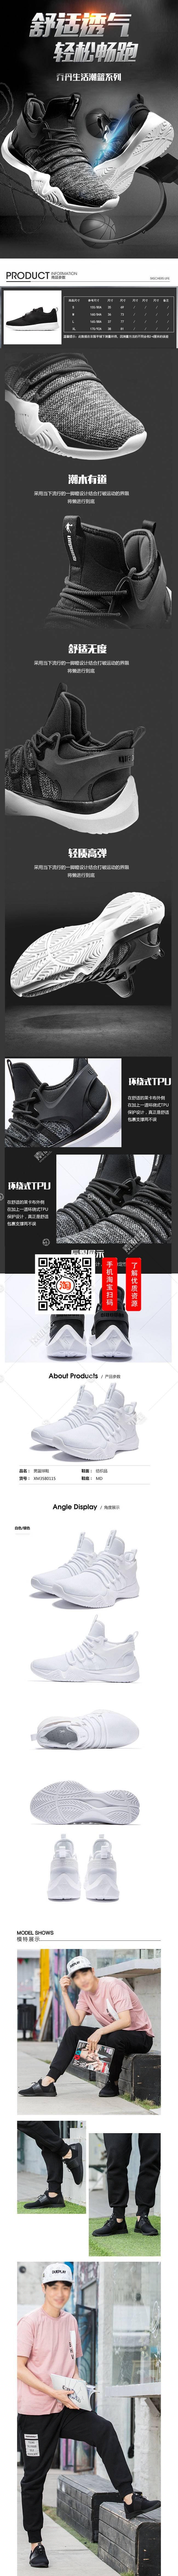 时尚潮流高档男鞋男士鞋详情页